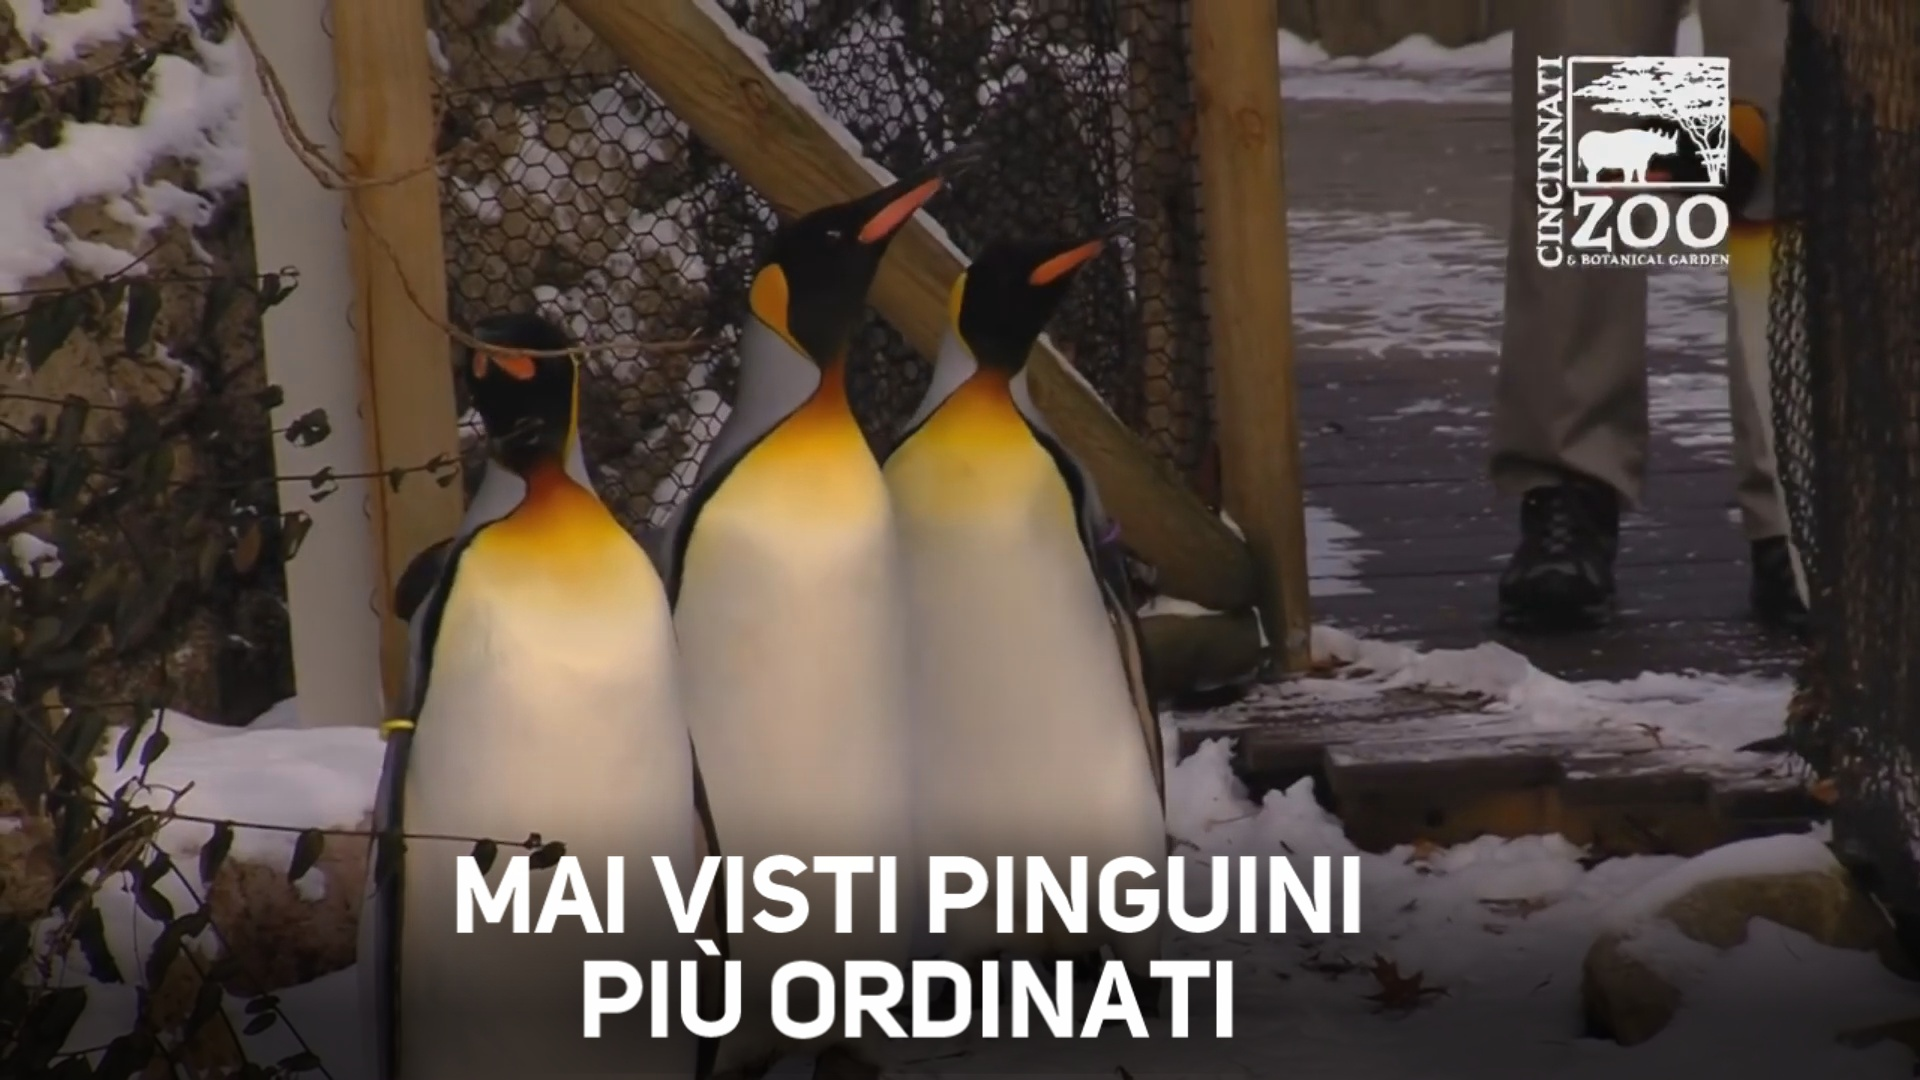 Avete mai visto una parata di pinguini?